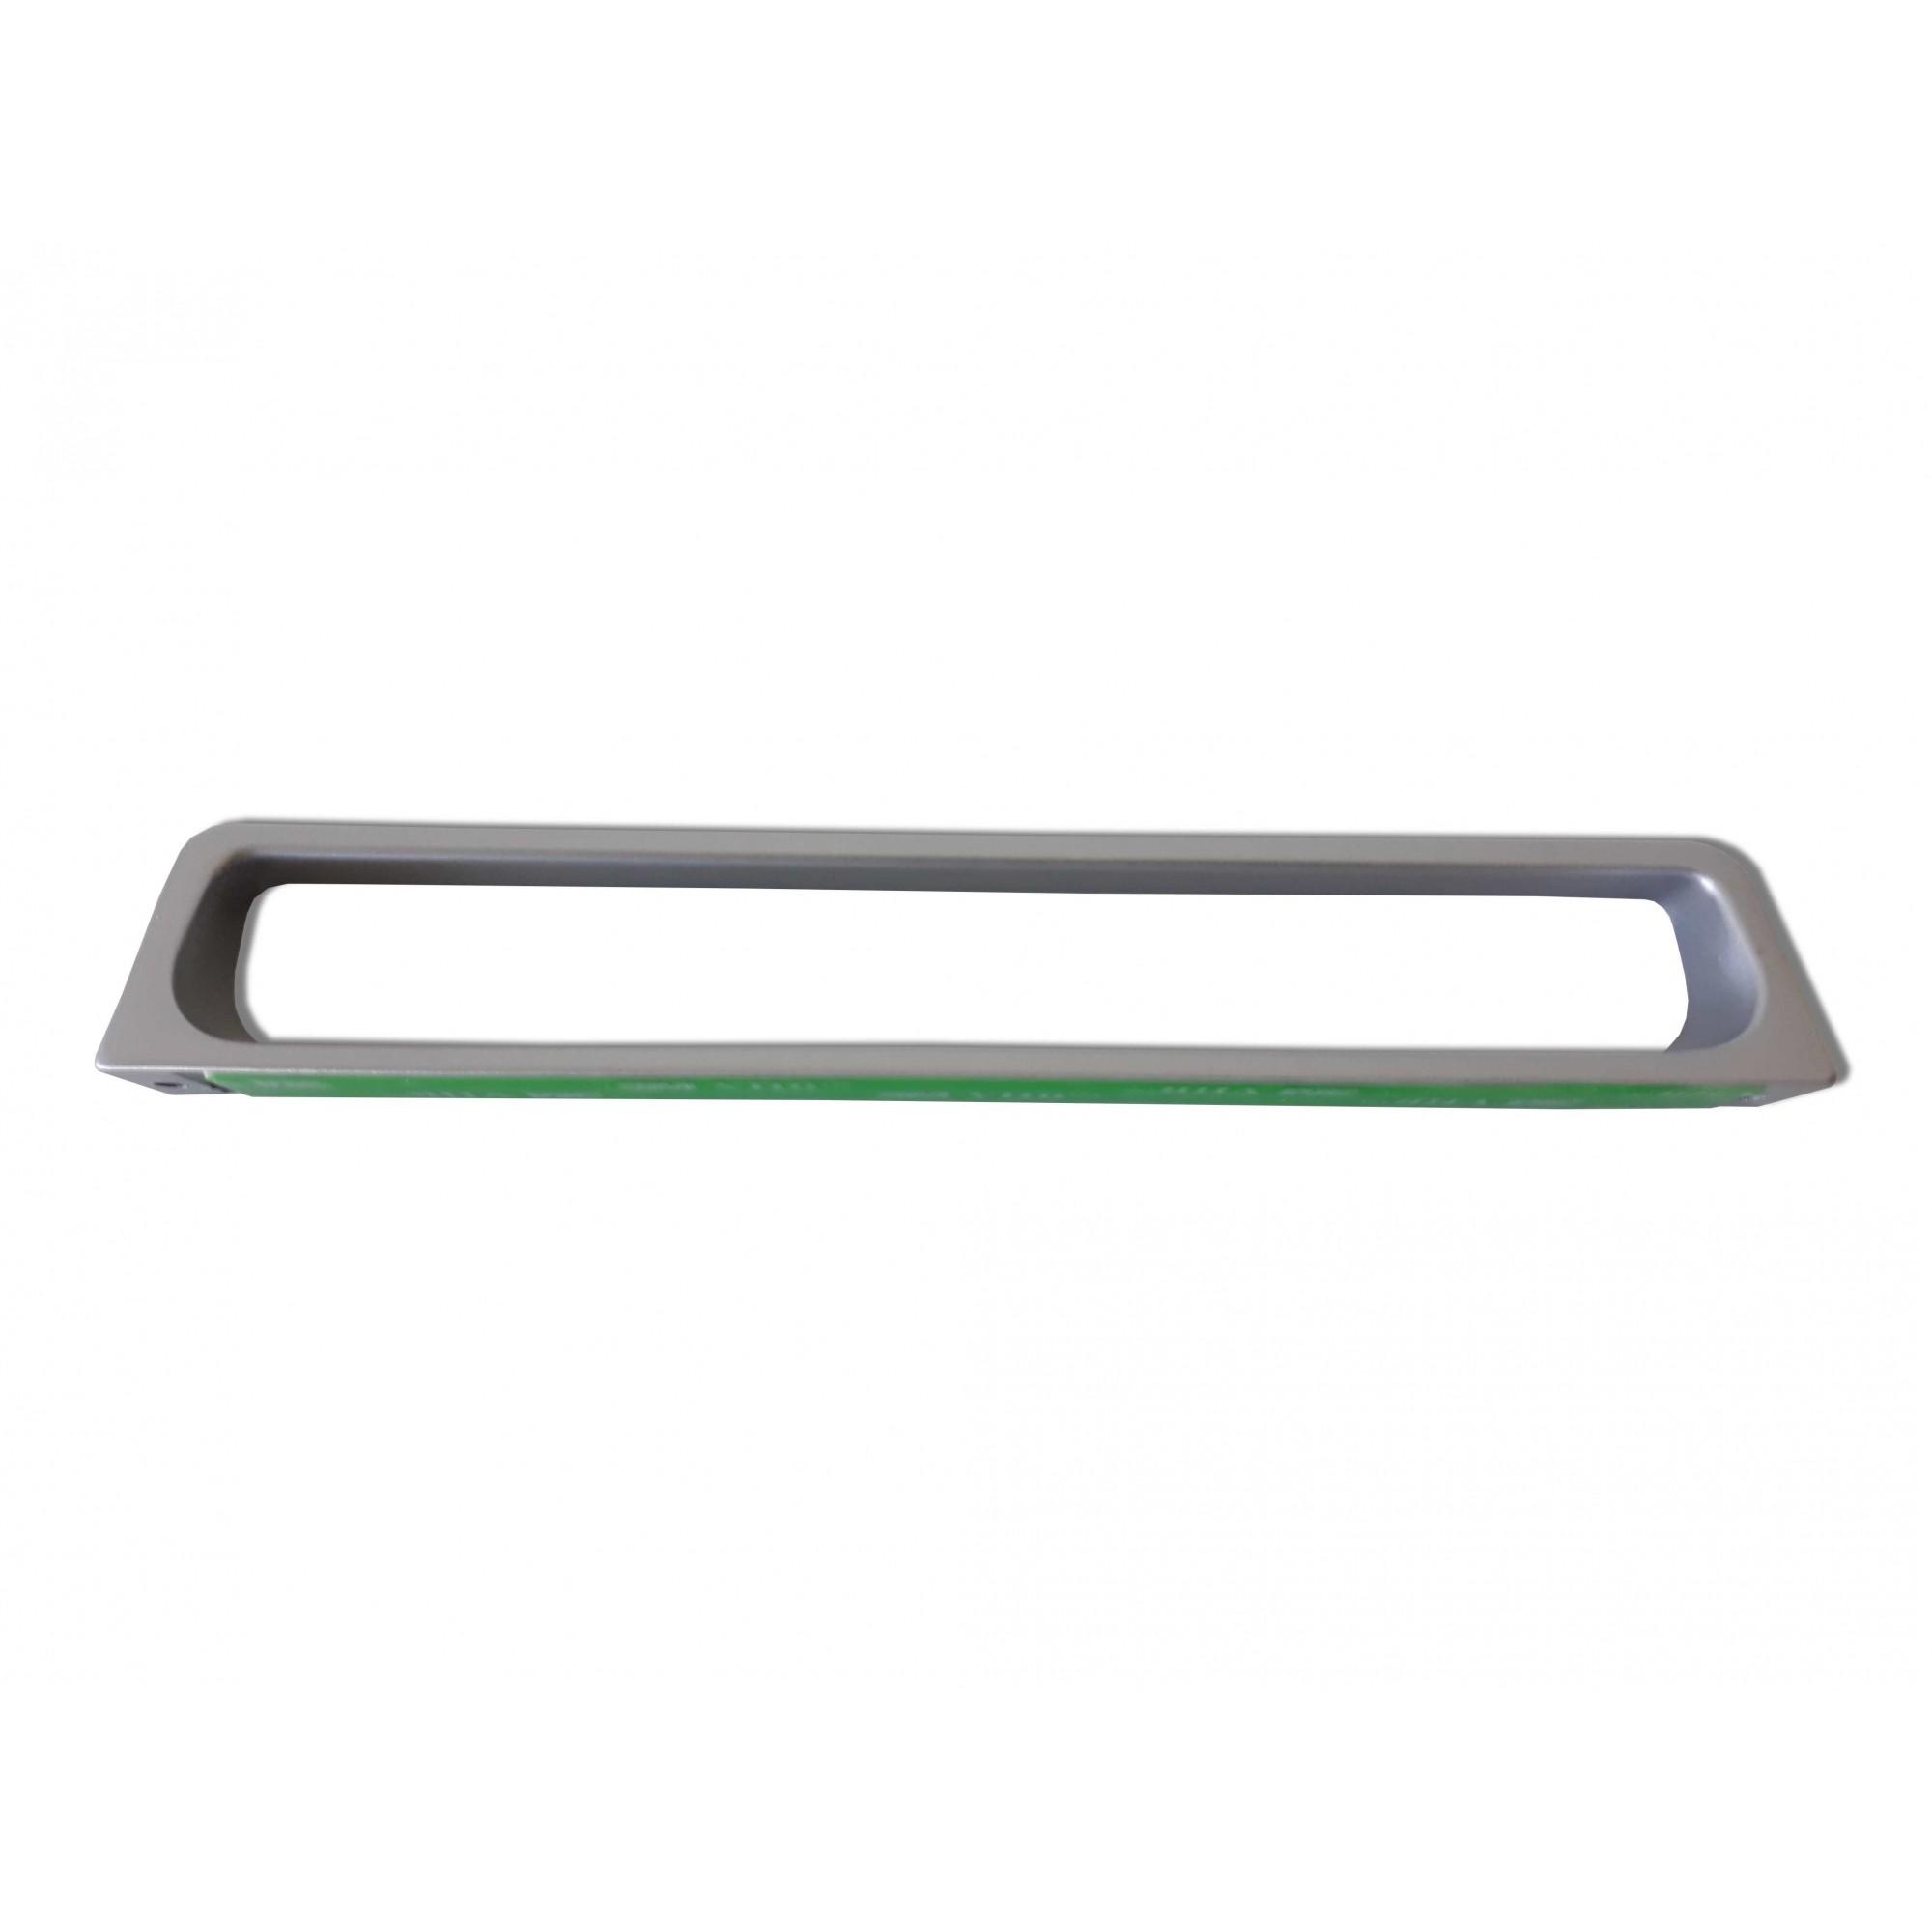 Puxador Auto Adesivo Marsala 2546 Acetinado 26,5cm